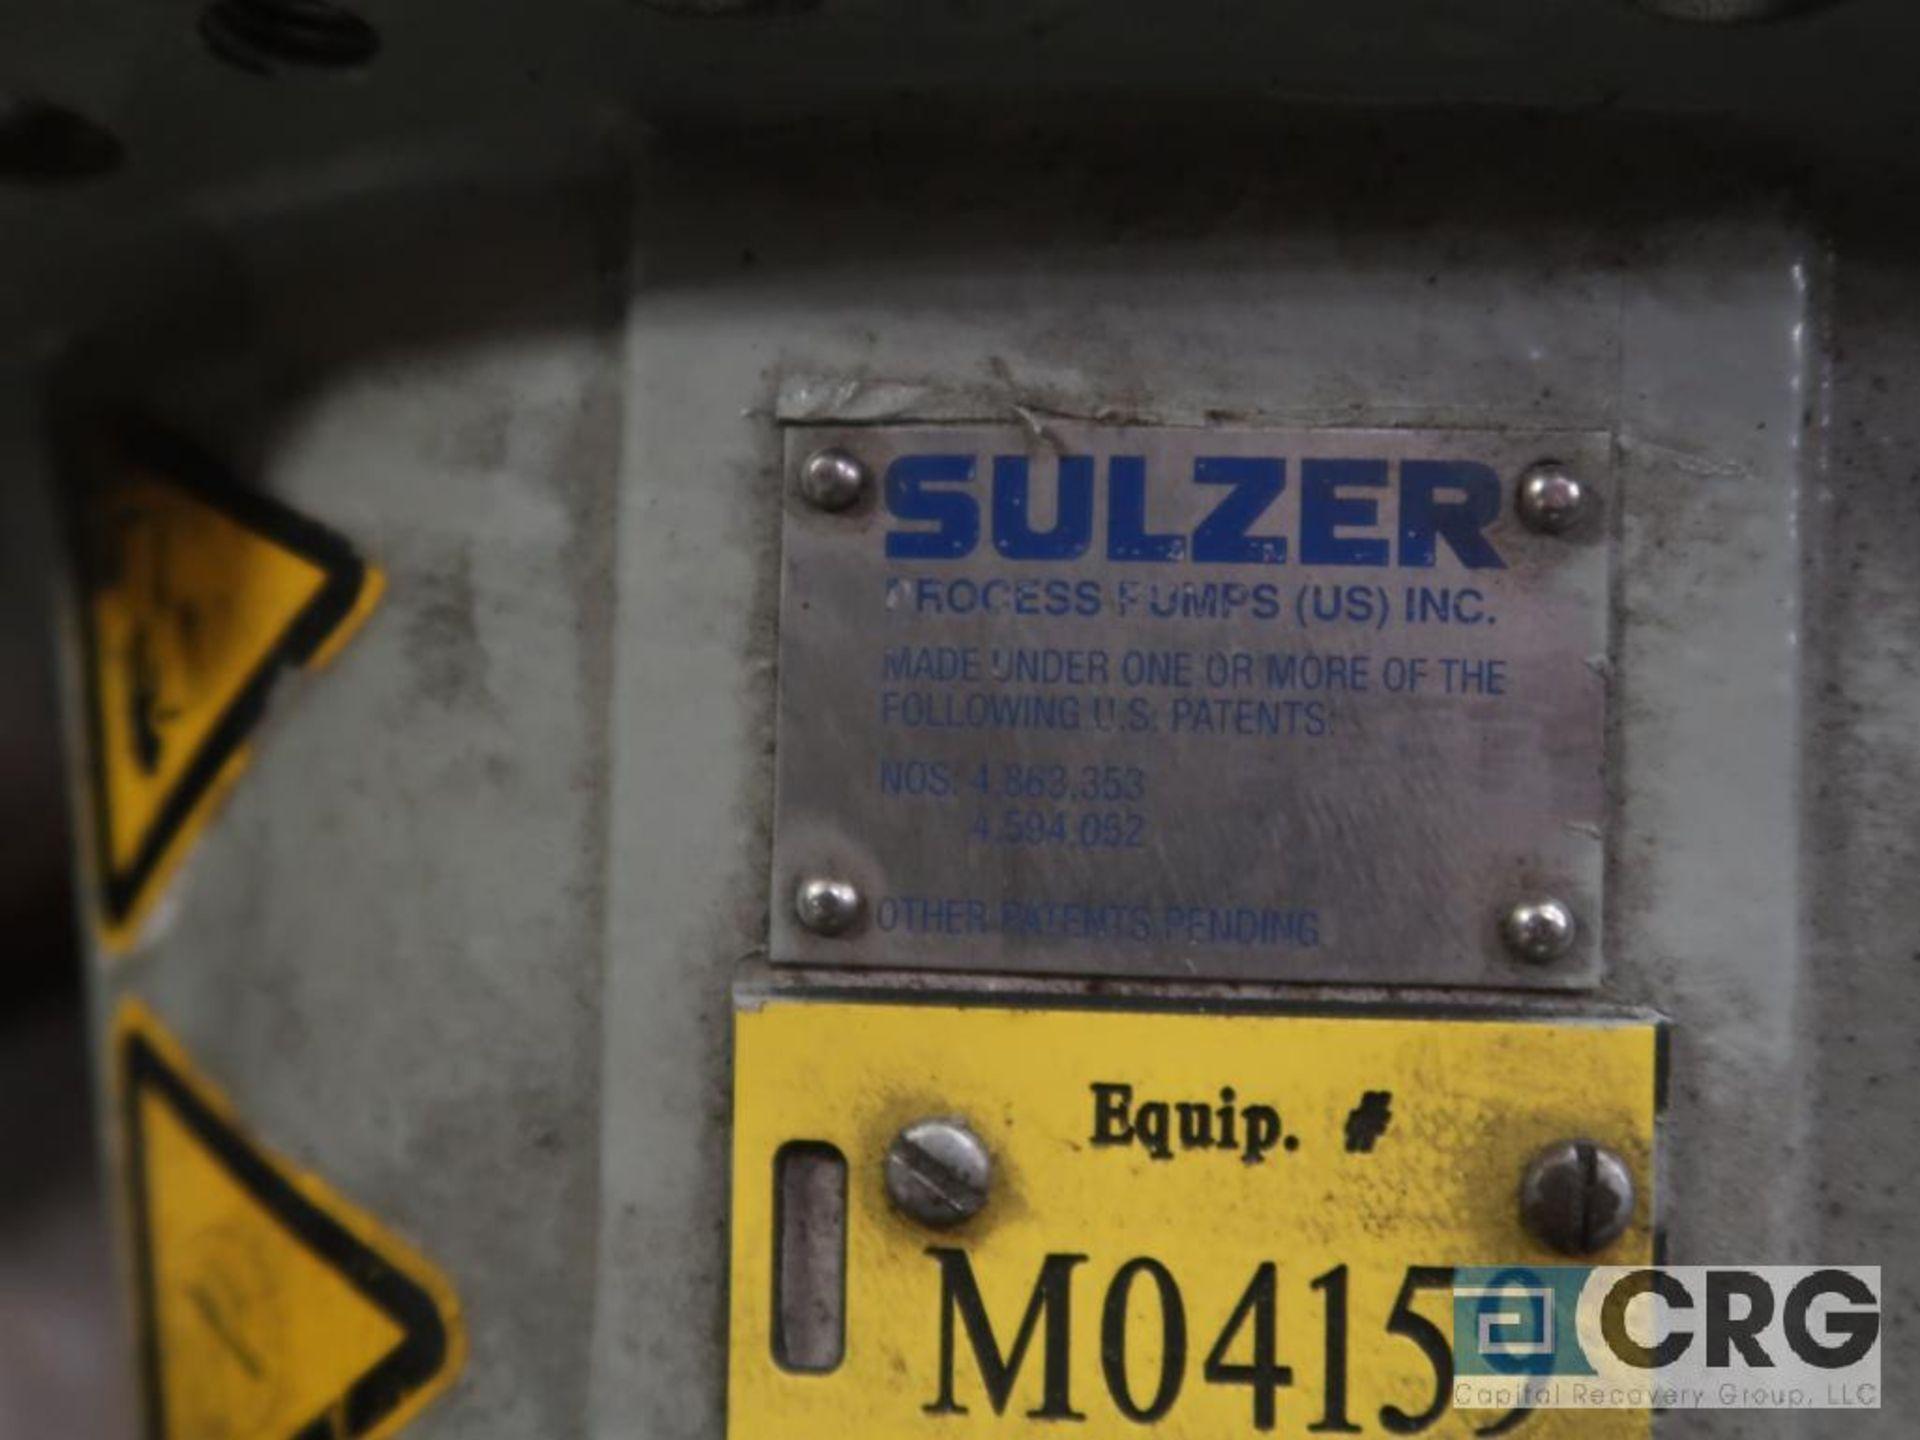 Sulzer APT 31 4C process pump, 10 x 8 x 13 (Basement Stores) - Image 2 of 2